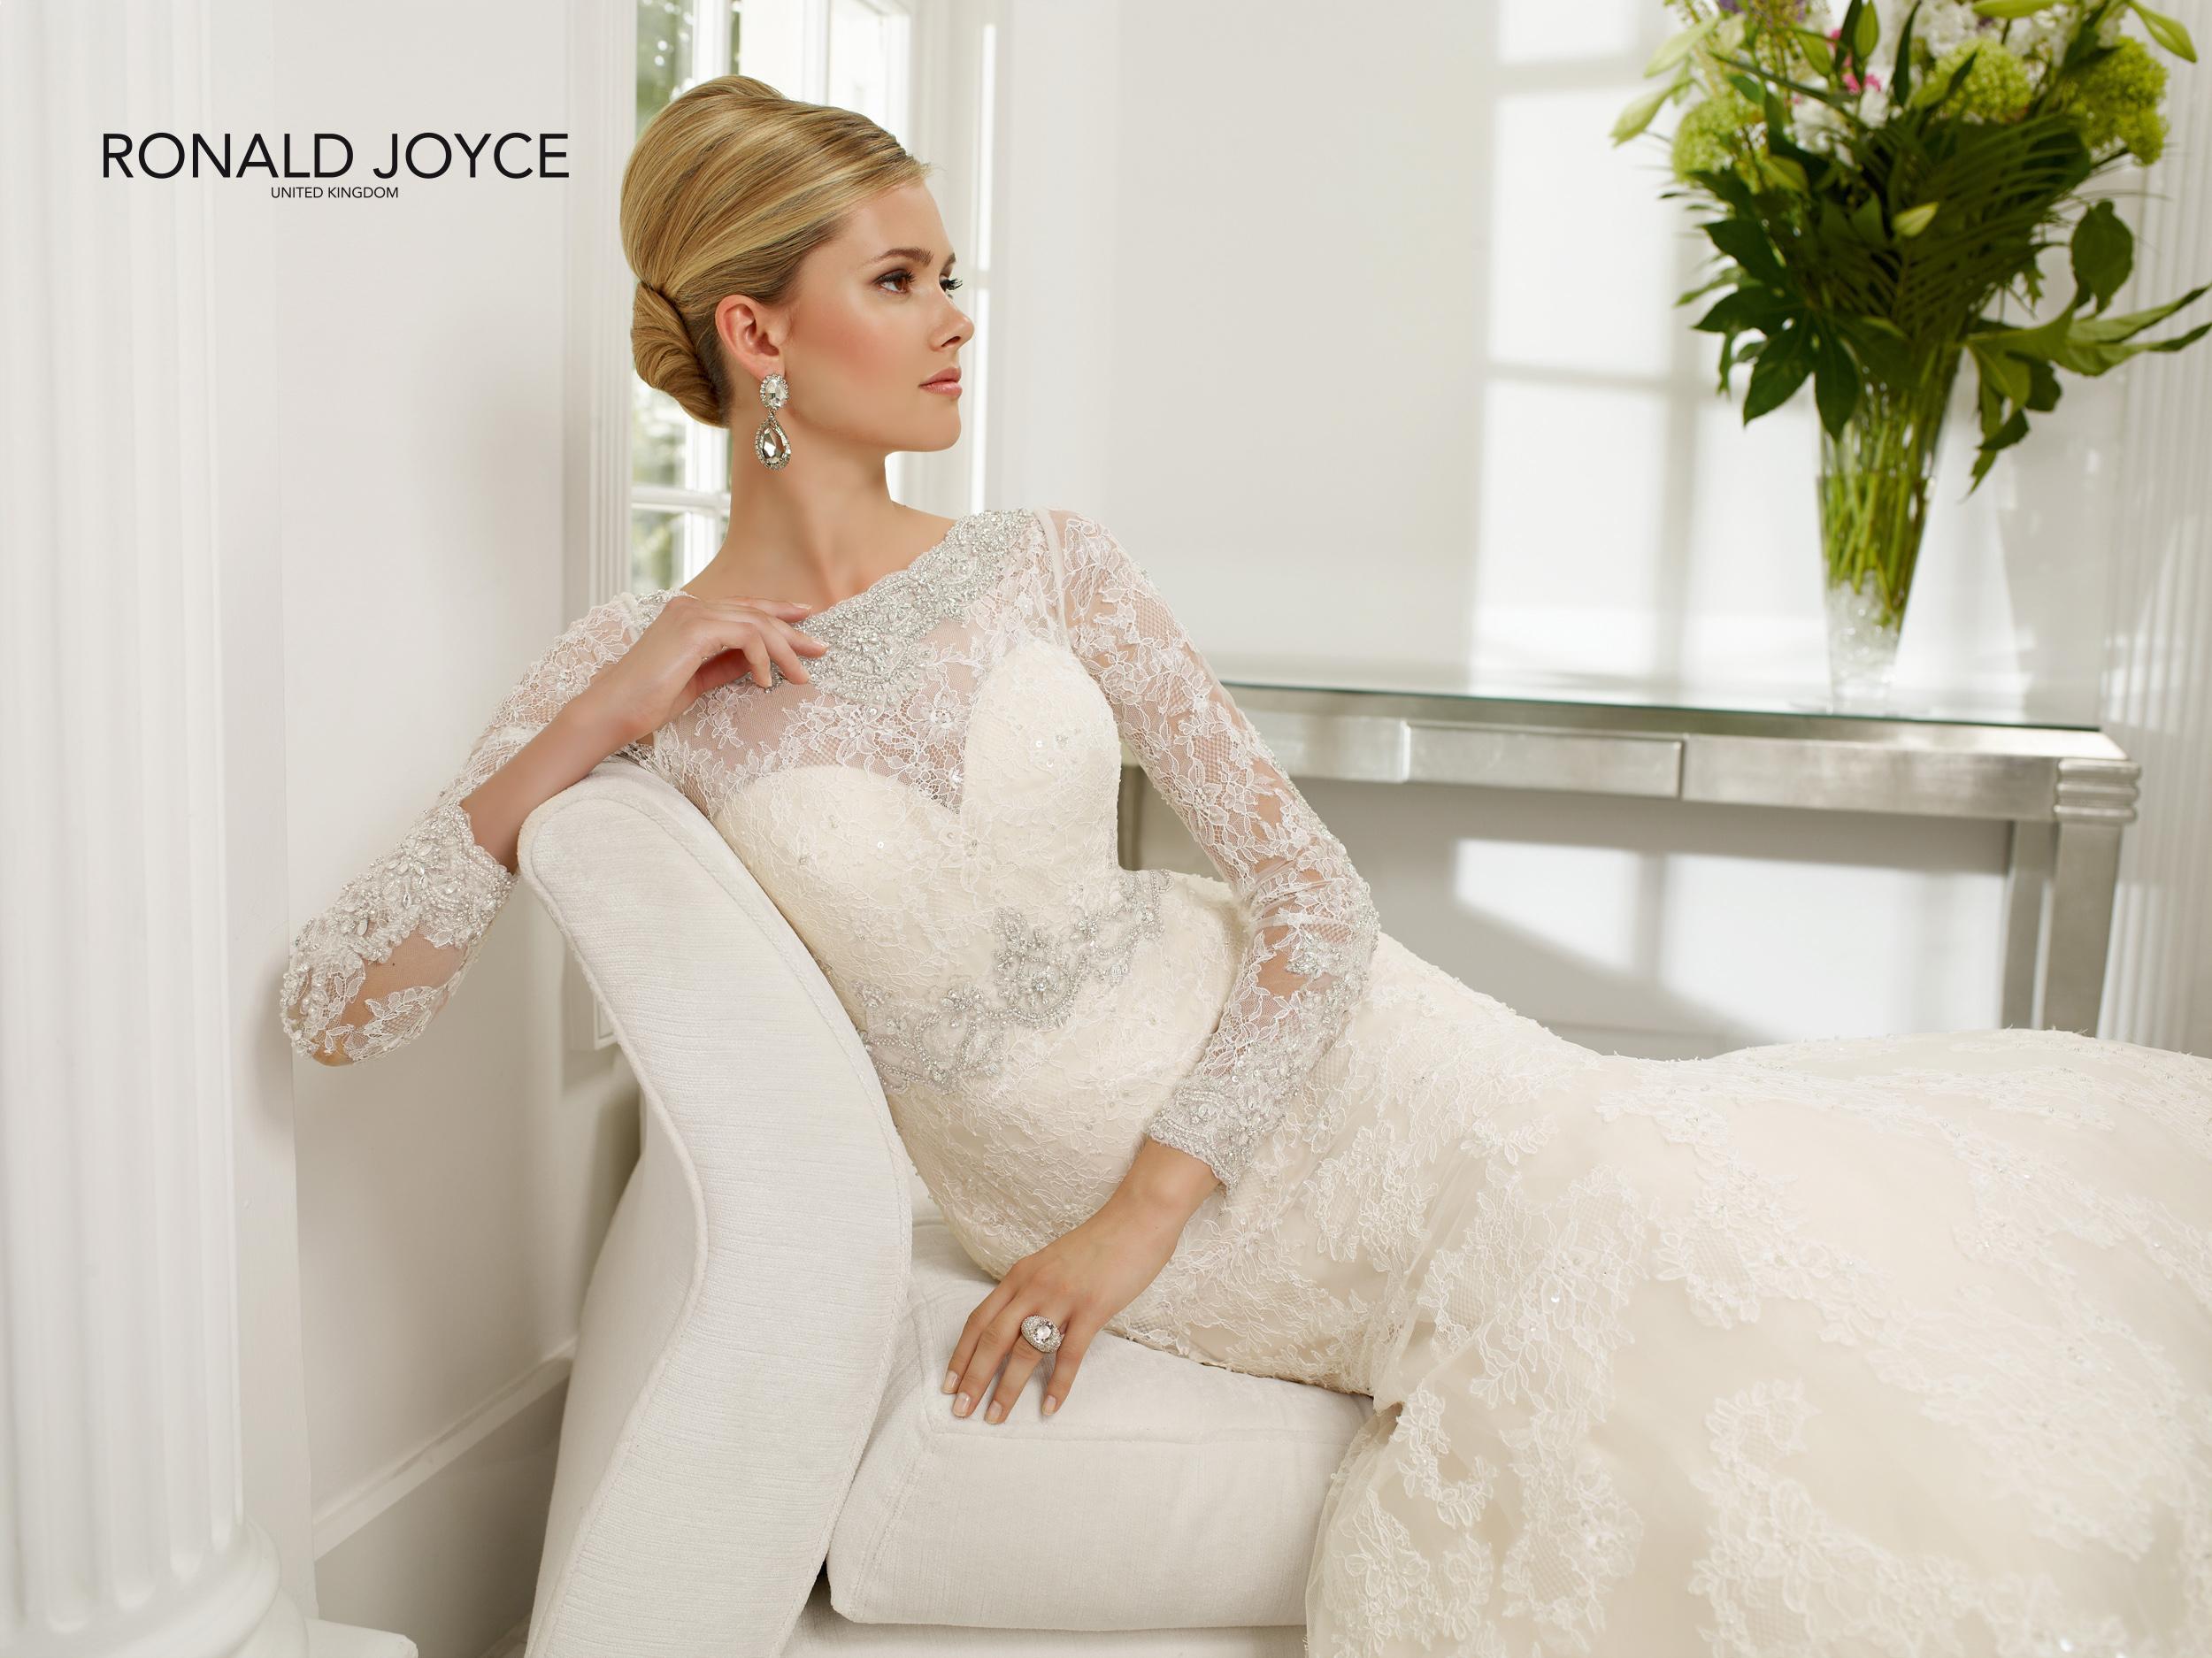 Migliori Abiti Da Sposa.10 Migliori Abiti Gioiello Da Sposa Primavera 2016 Donne Magazine